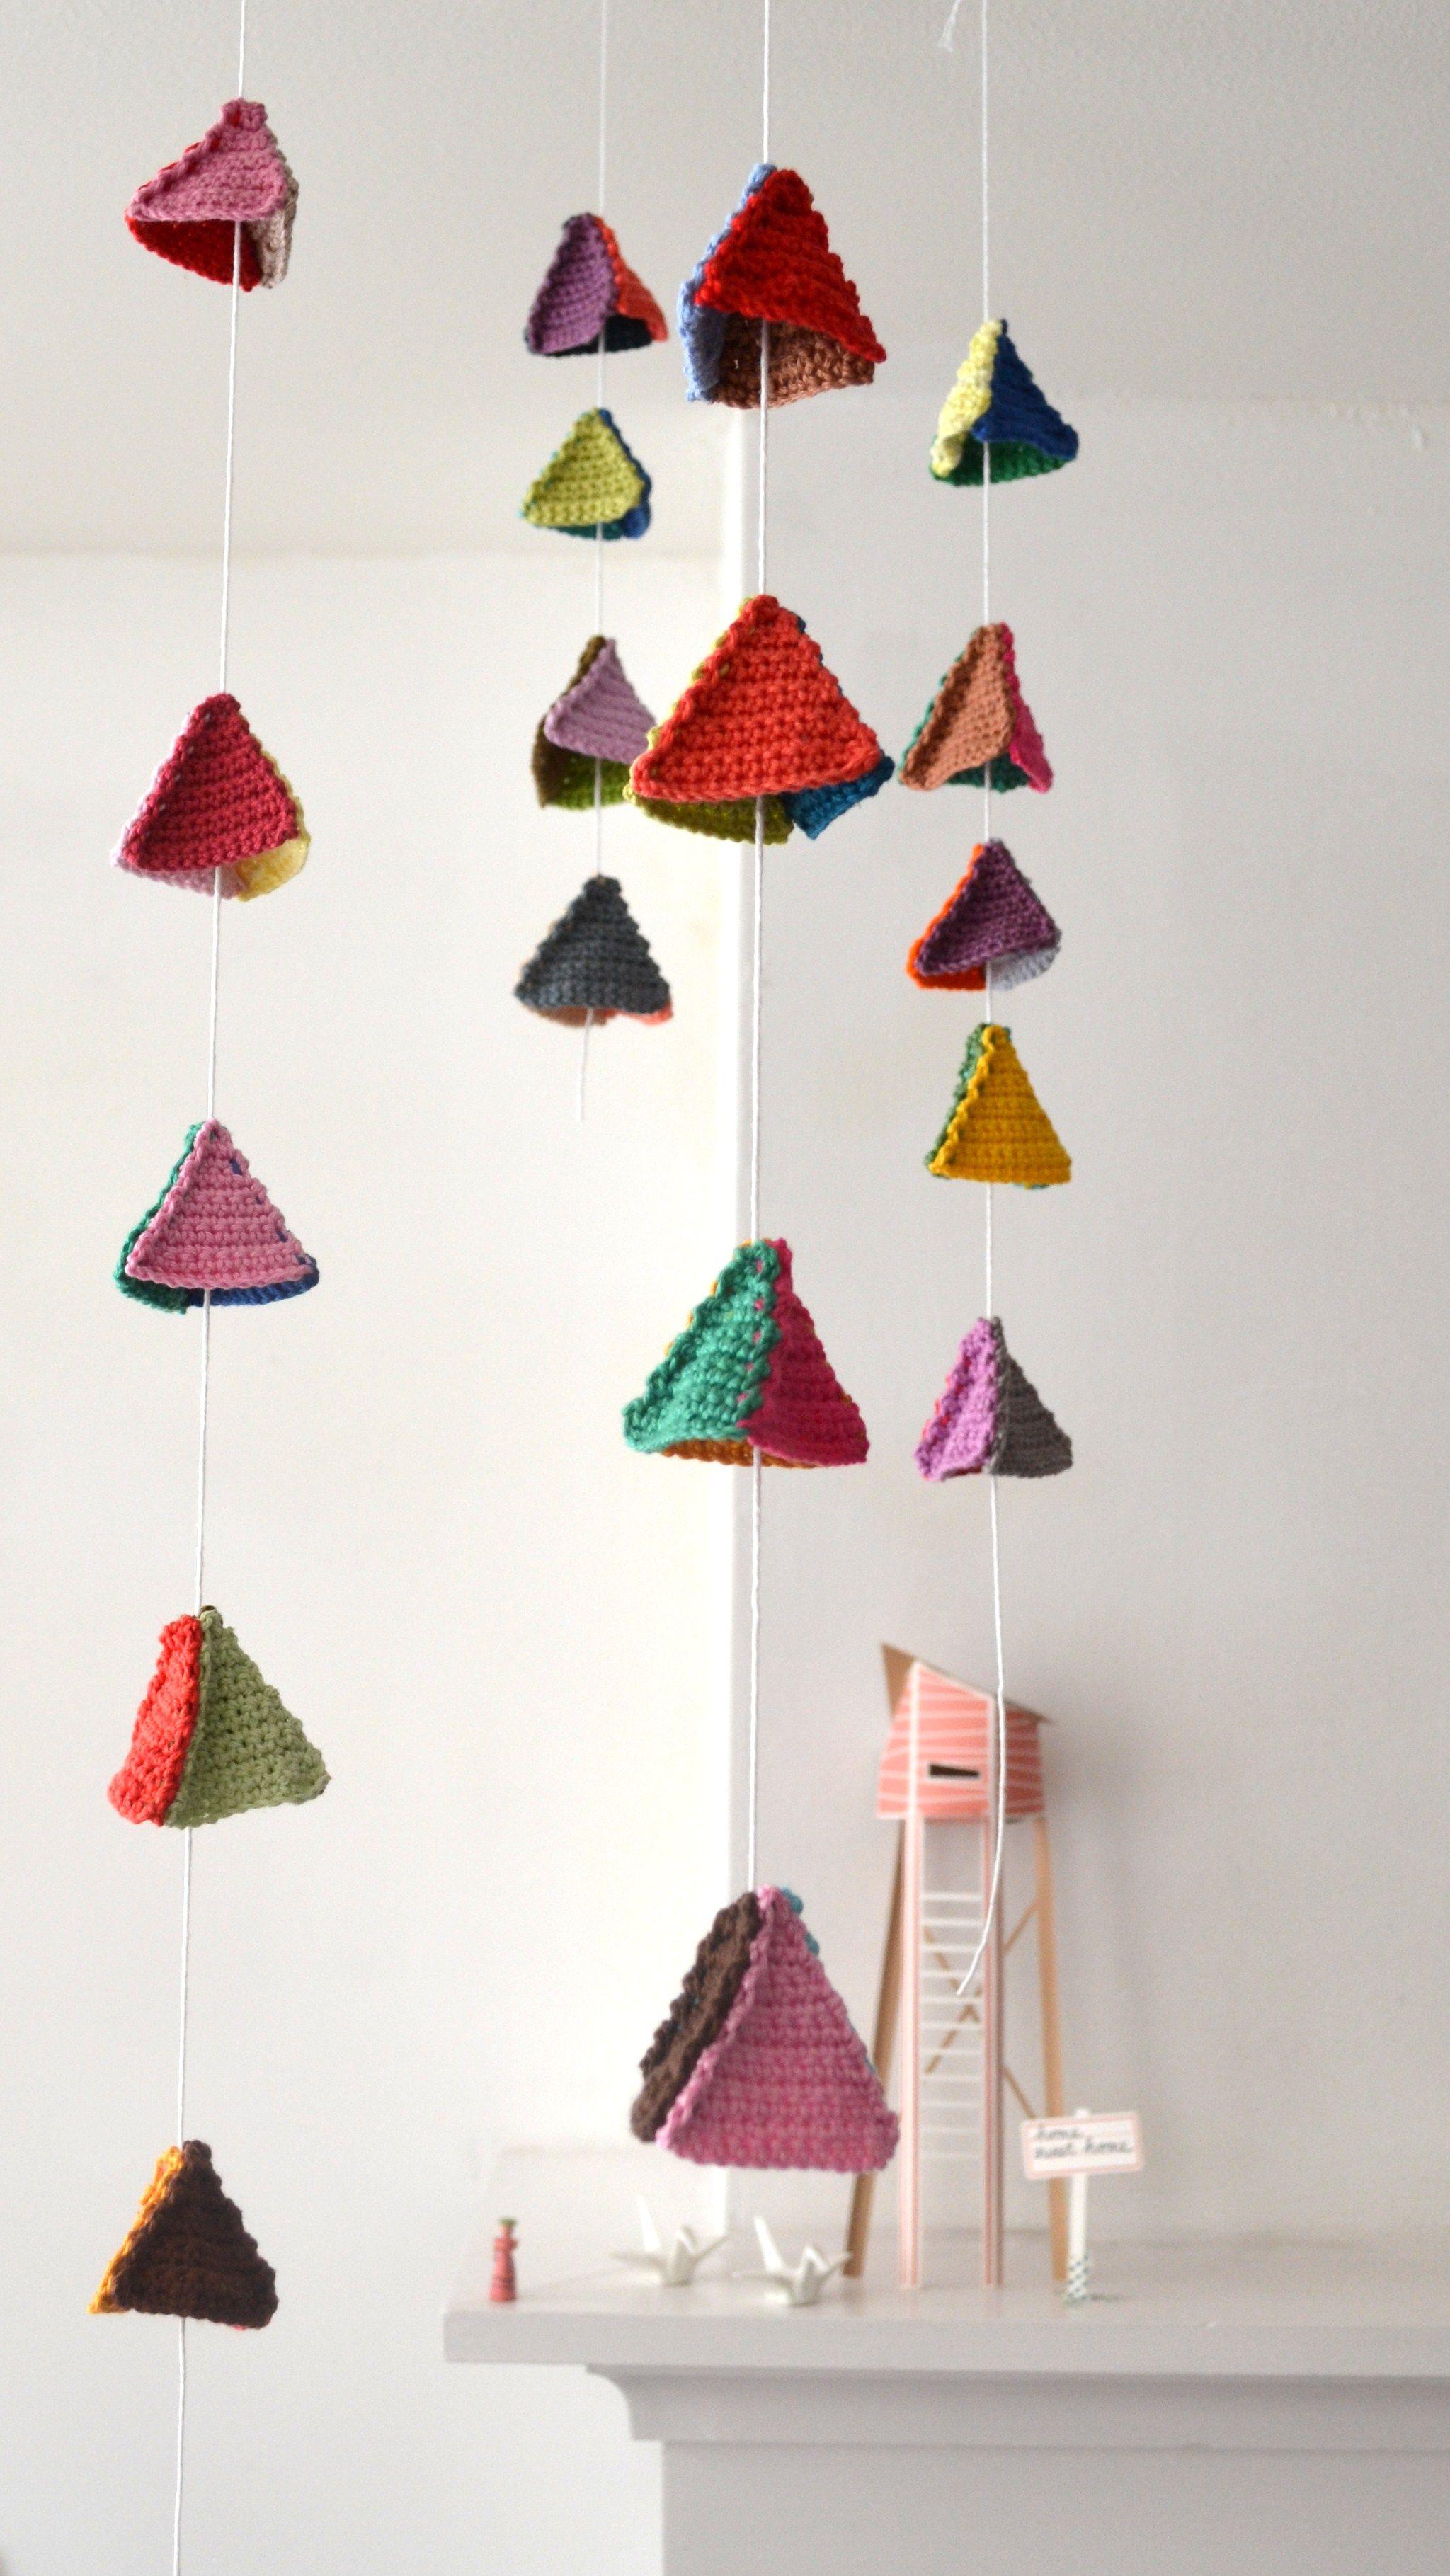 DIY bonito móvil con triángulos de ganchillo | DIY | Pinterest ...